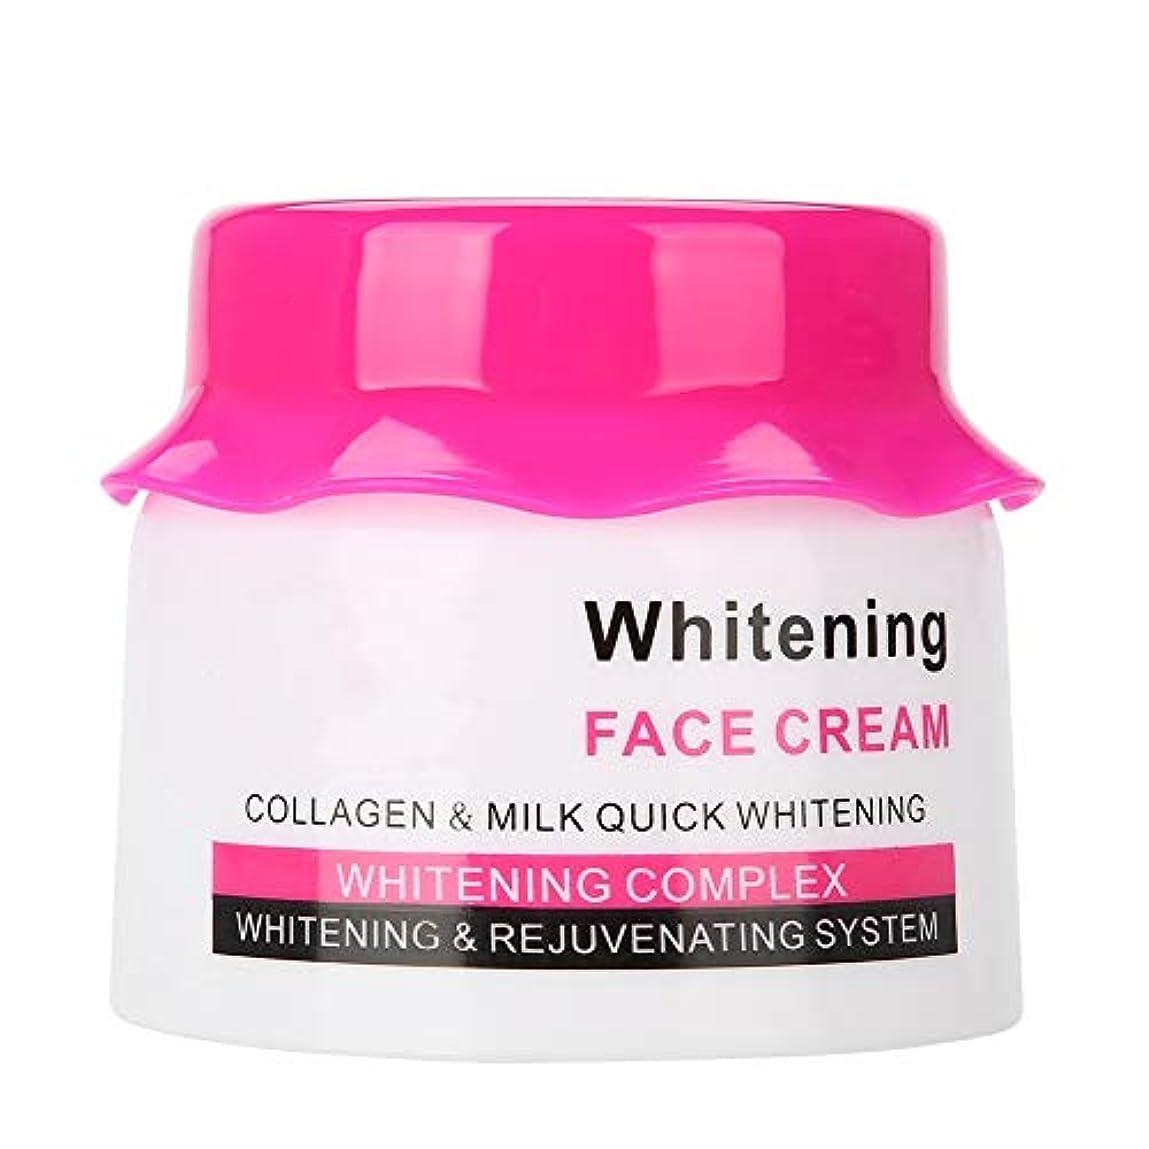 荒野分布居心地の良い天然コラーゲン、肌のリラクゼーションと引き締まった肌の多機能、保湿引き締めフェイシャルシュリンクポアケア肌を白くするフェイシャルクリーム